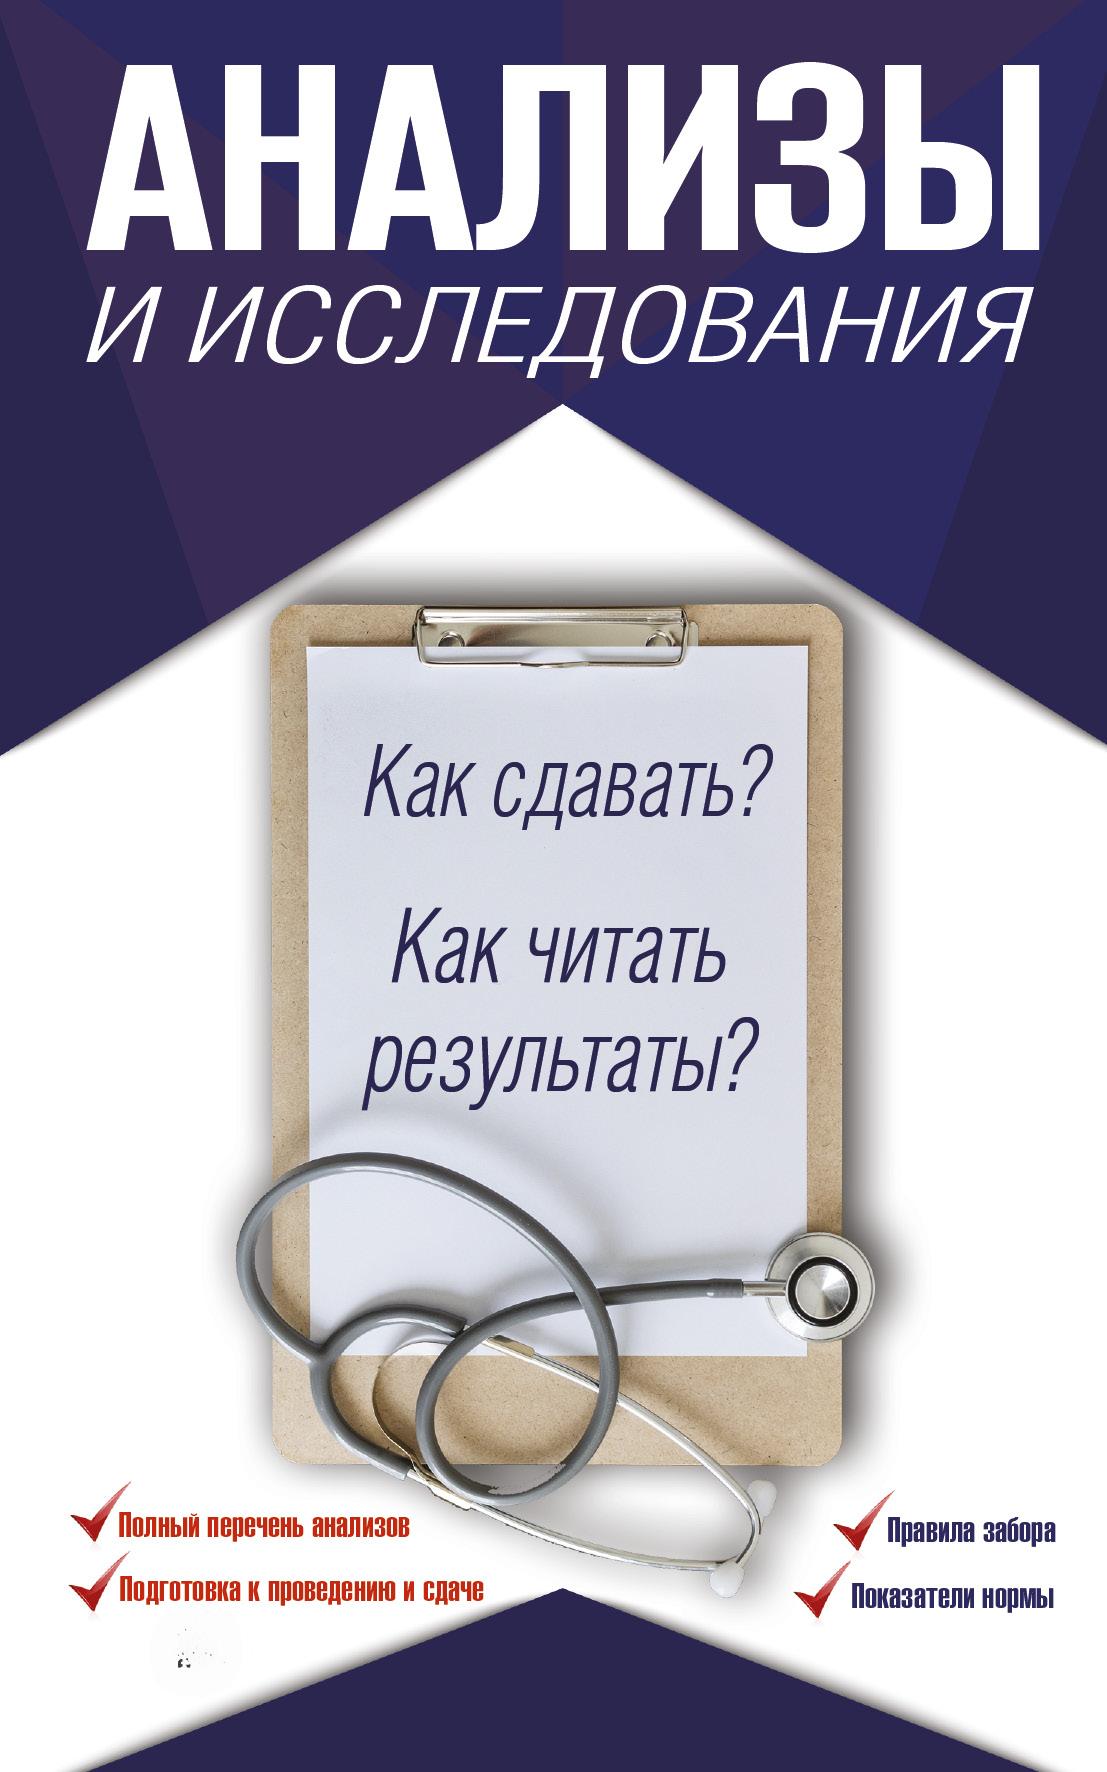 Лазарева Л.А., Лазарев А.Н. Анализы и исследования. Как сдавать? Как читать результаты?